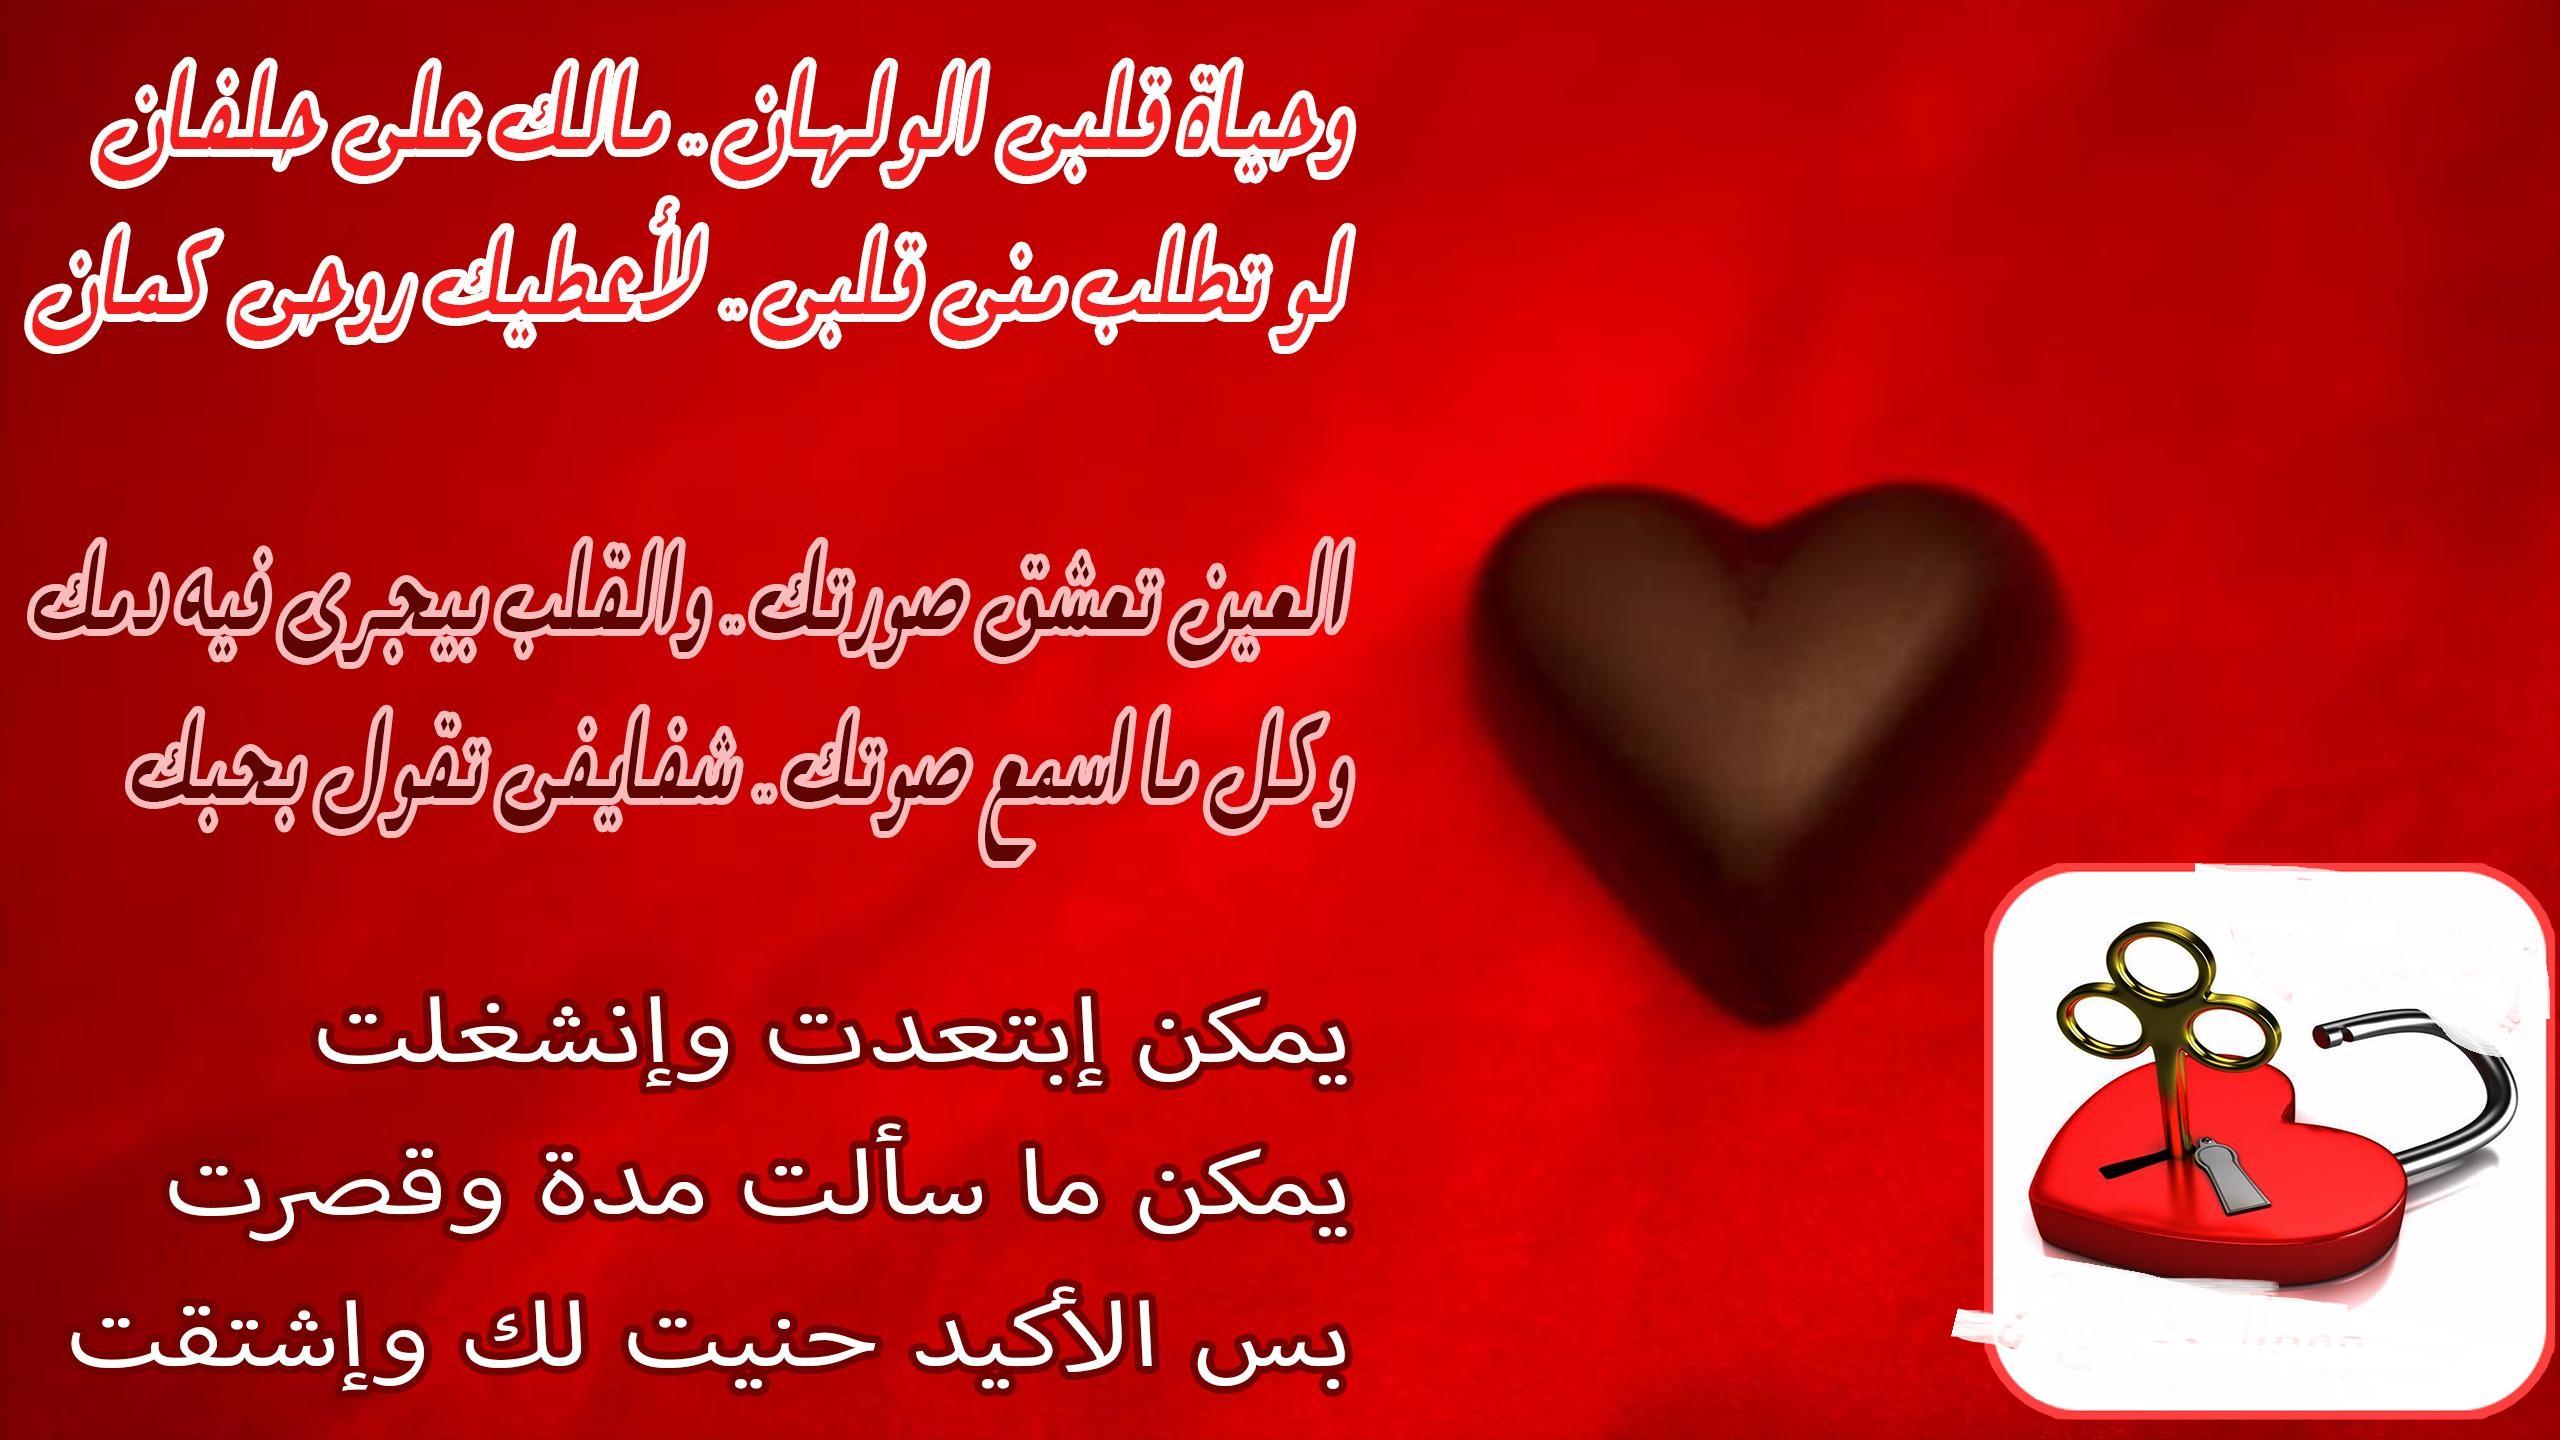 صورة رسالة عاشق ولهان مغرم بالحب.